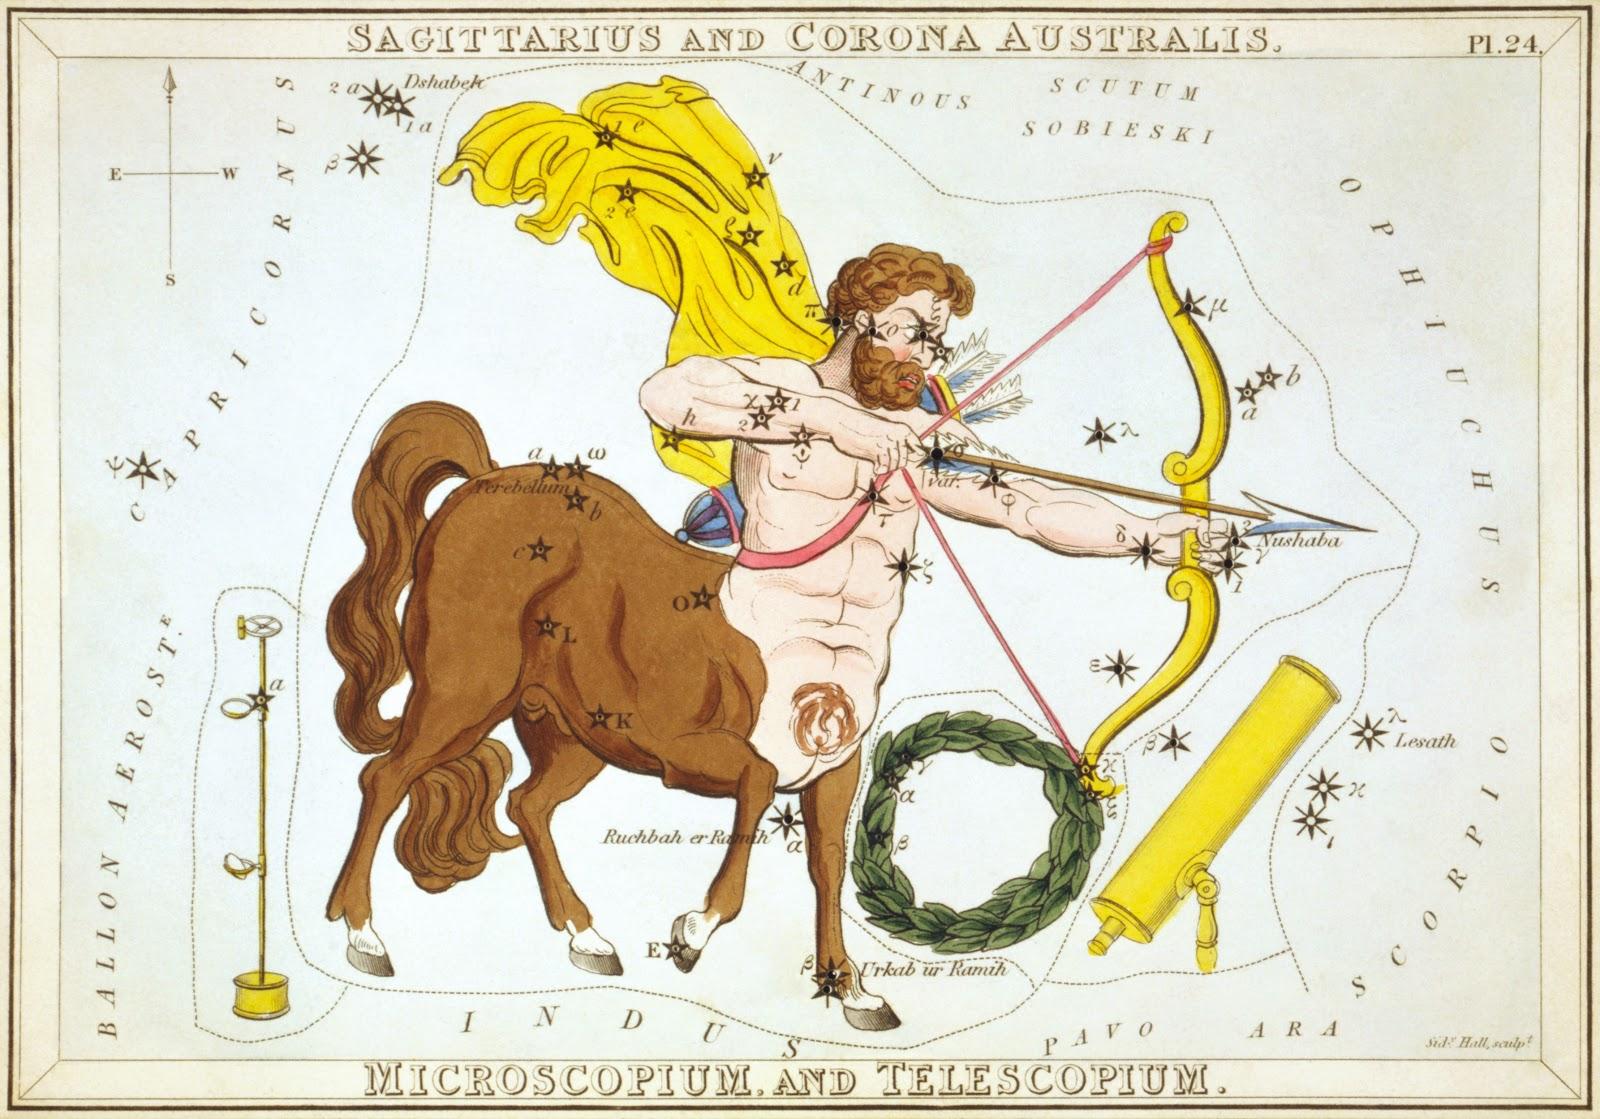 リチャード・ラウズ・ブロクサムのウラニアの鏡の射手座と南冠座と顕微鏡座と望遠鏡座の星図カード